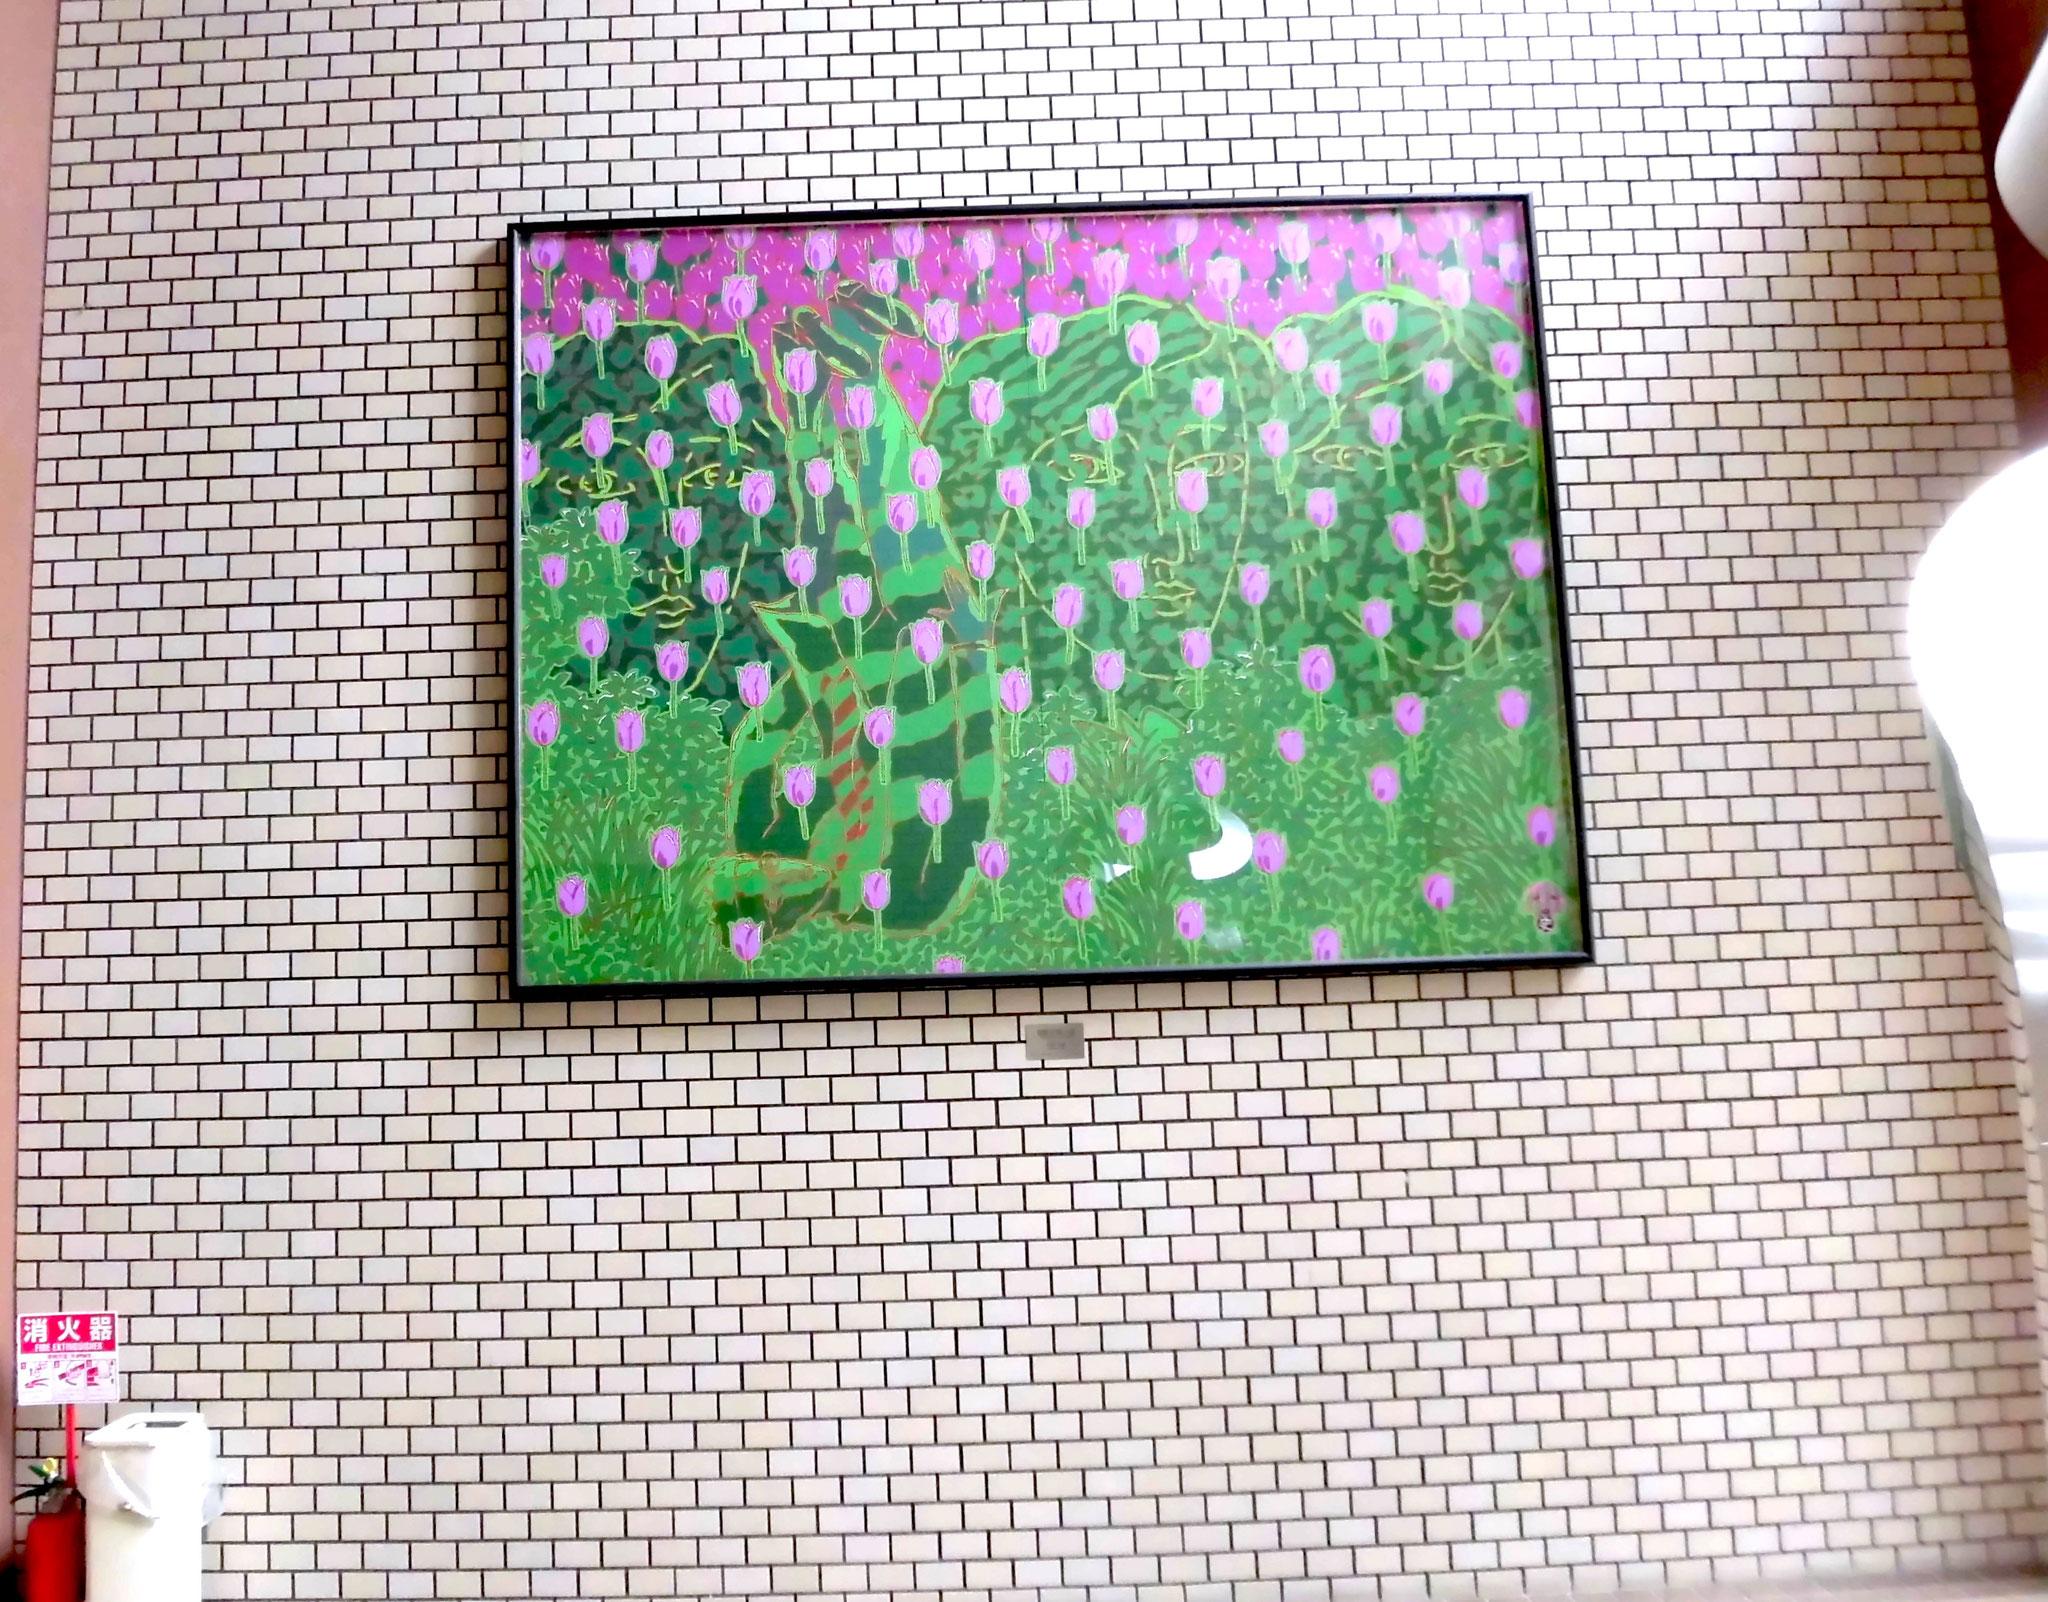 「樹陰彩風の図 」H194×W259 cm  油彩  2008年作  中原史雄 二科会理事